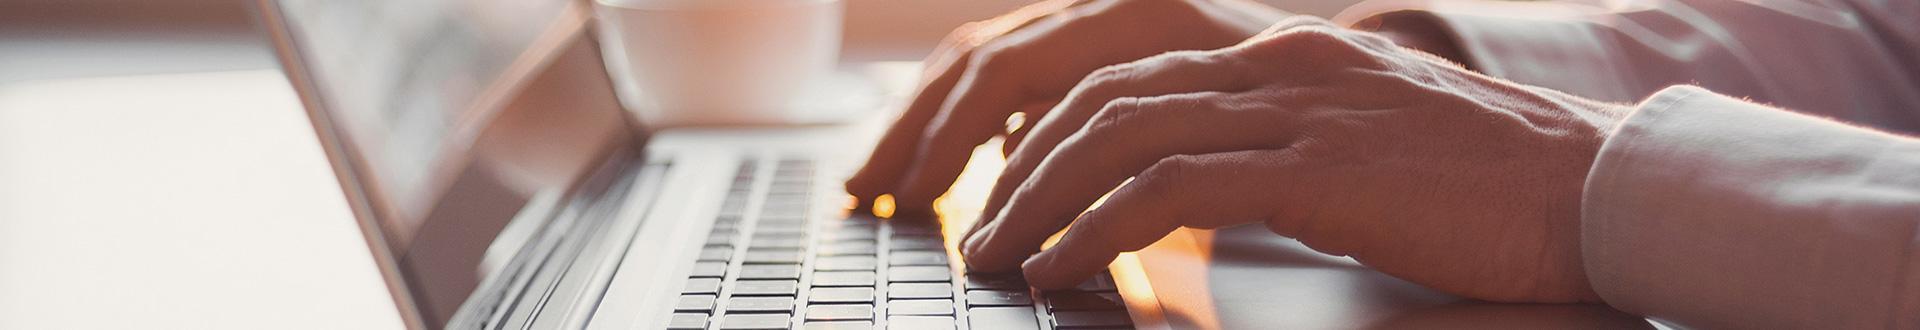 palce na klawiaturze